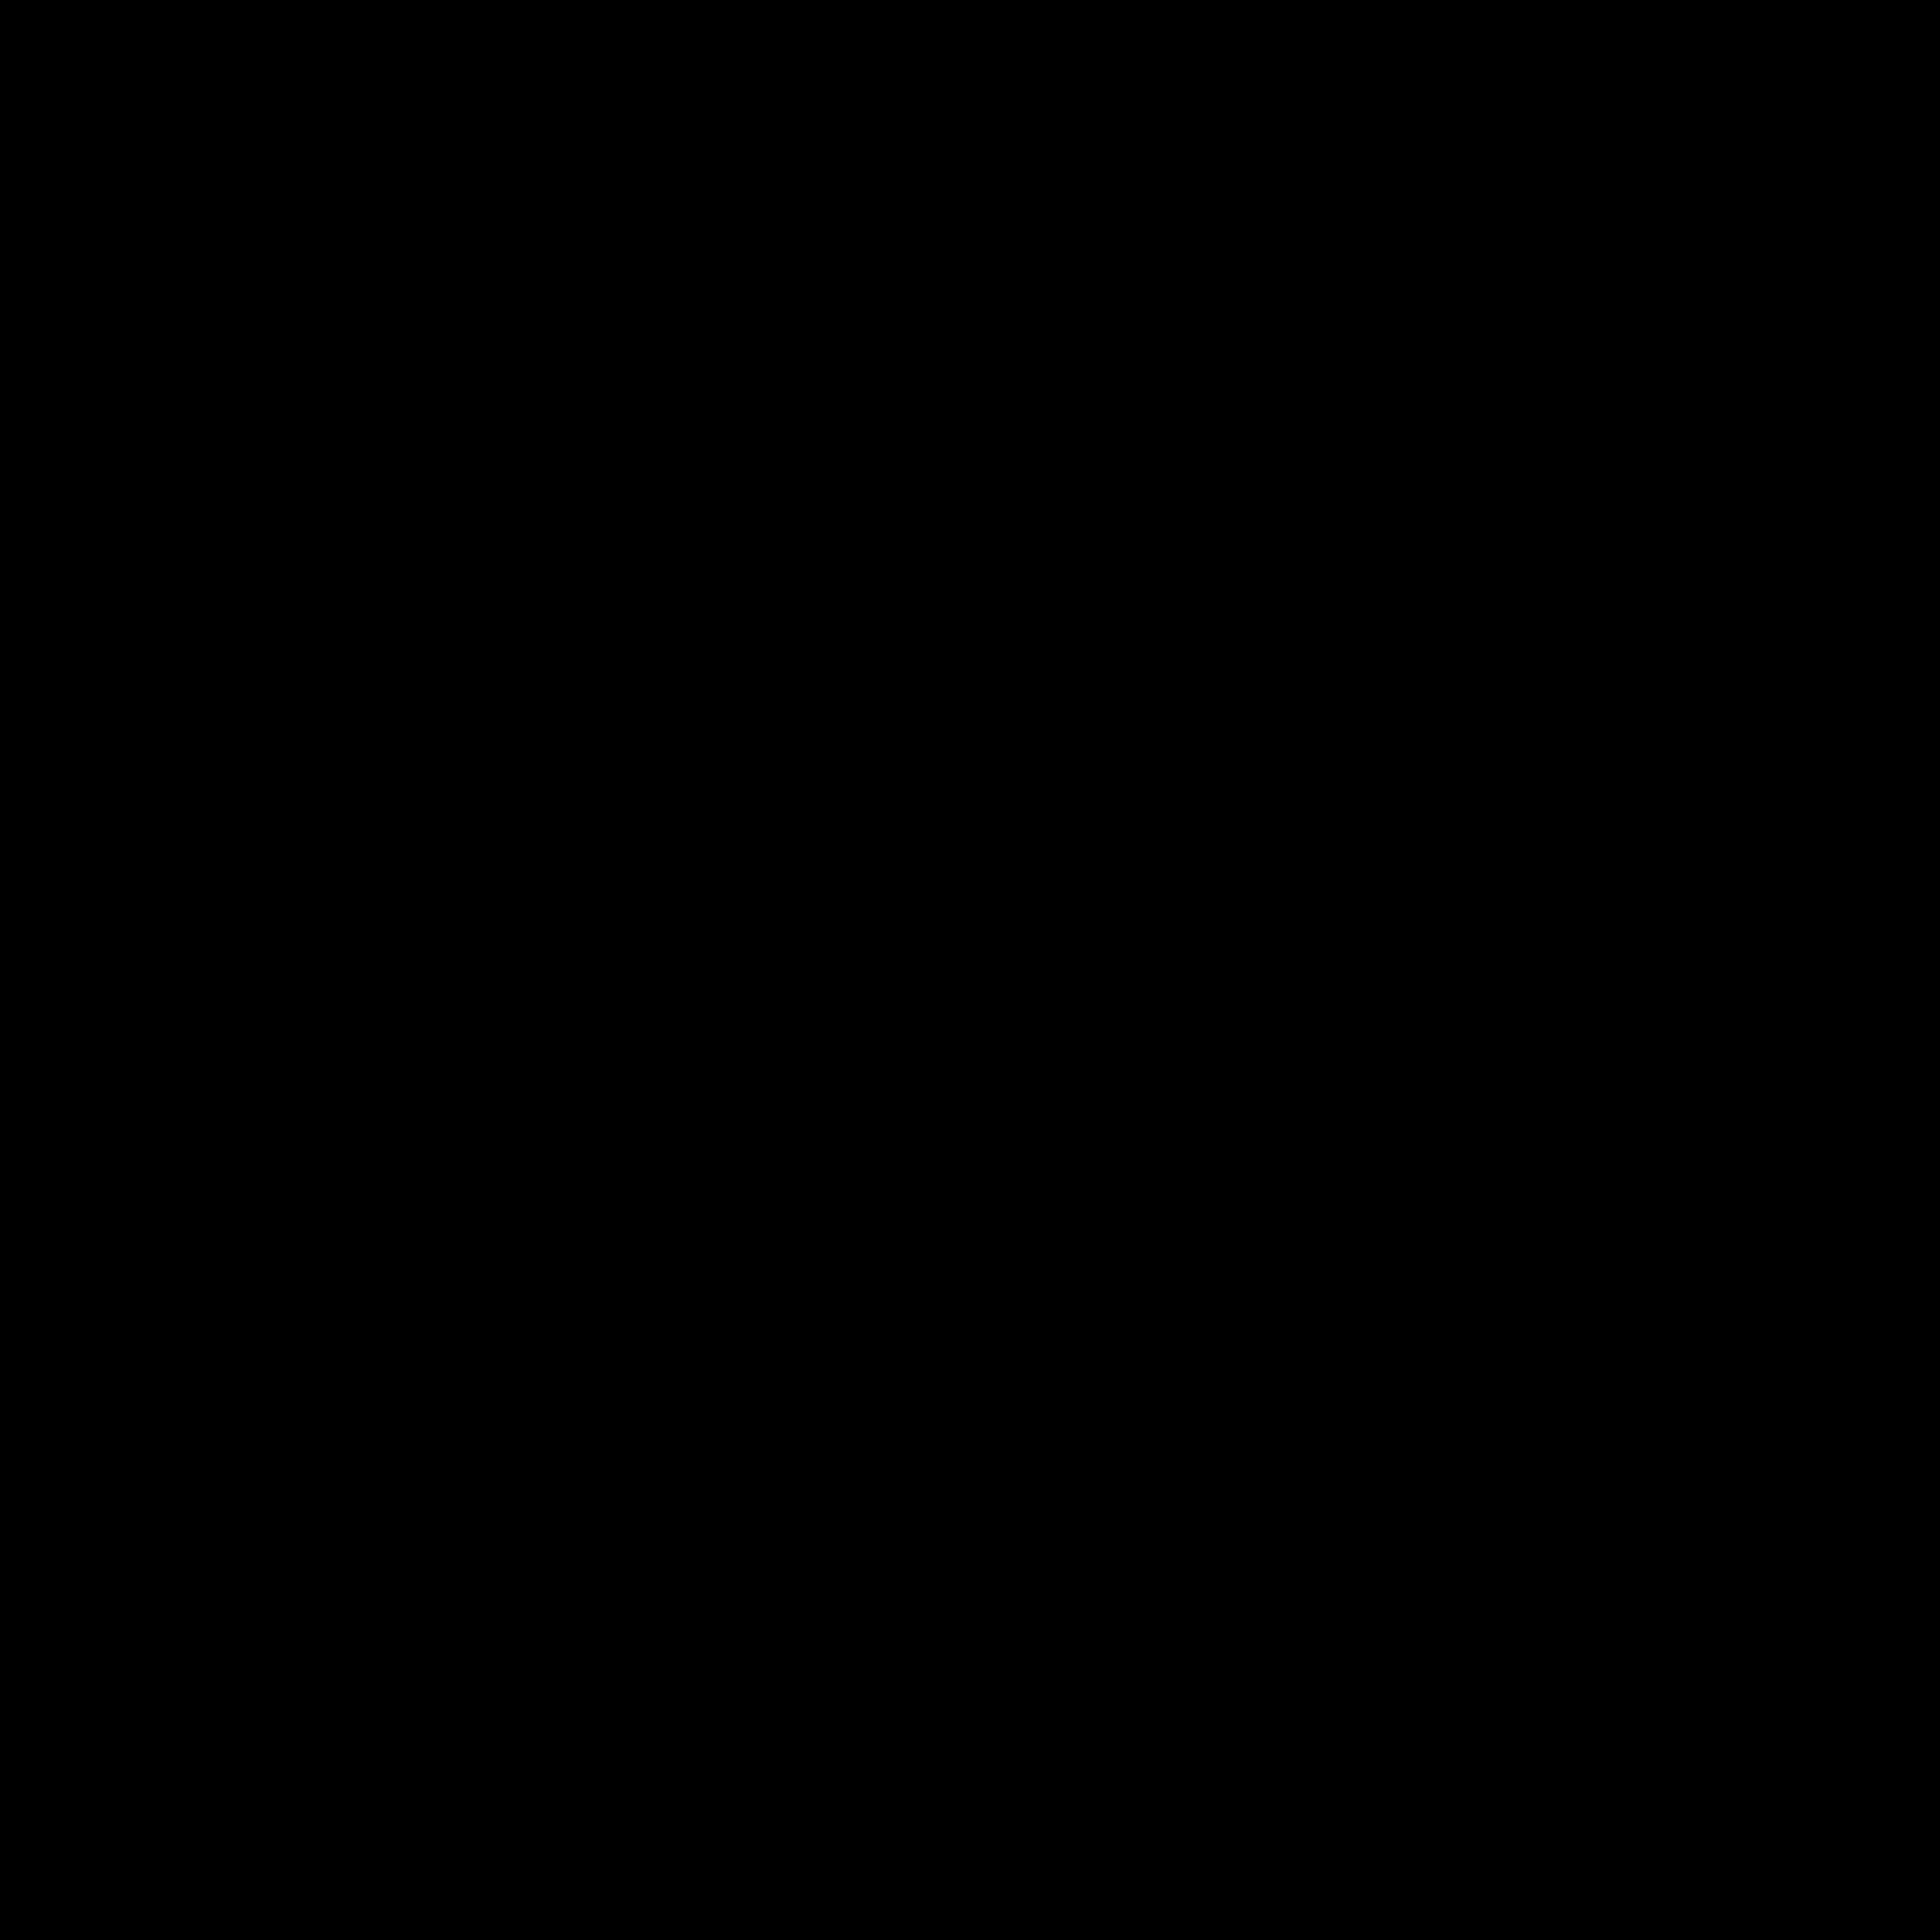 Regenerosity Black with text